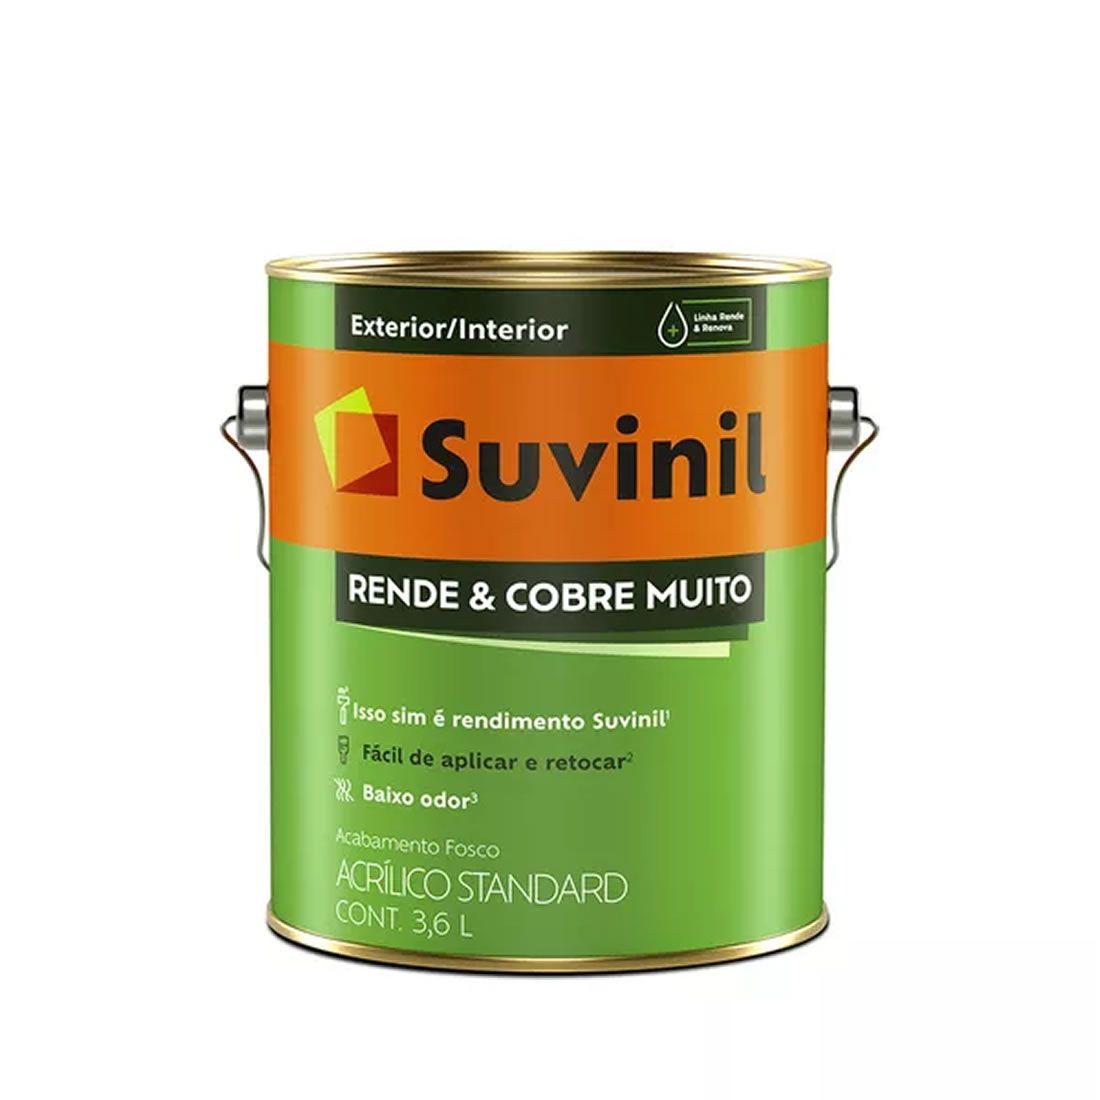 Tinta Suvinil Acrílica Standard Rende & Cobre Muito Canário 3,6 Litros